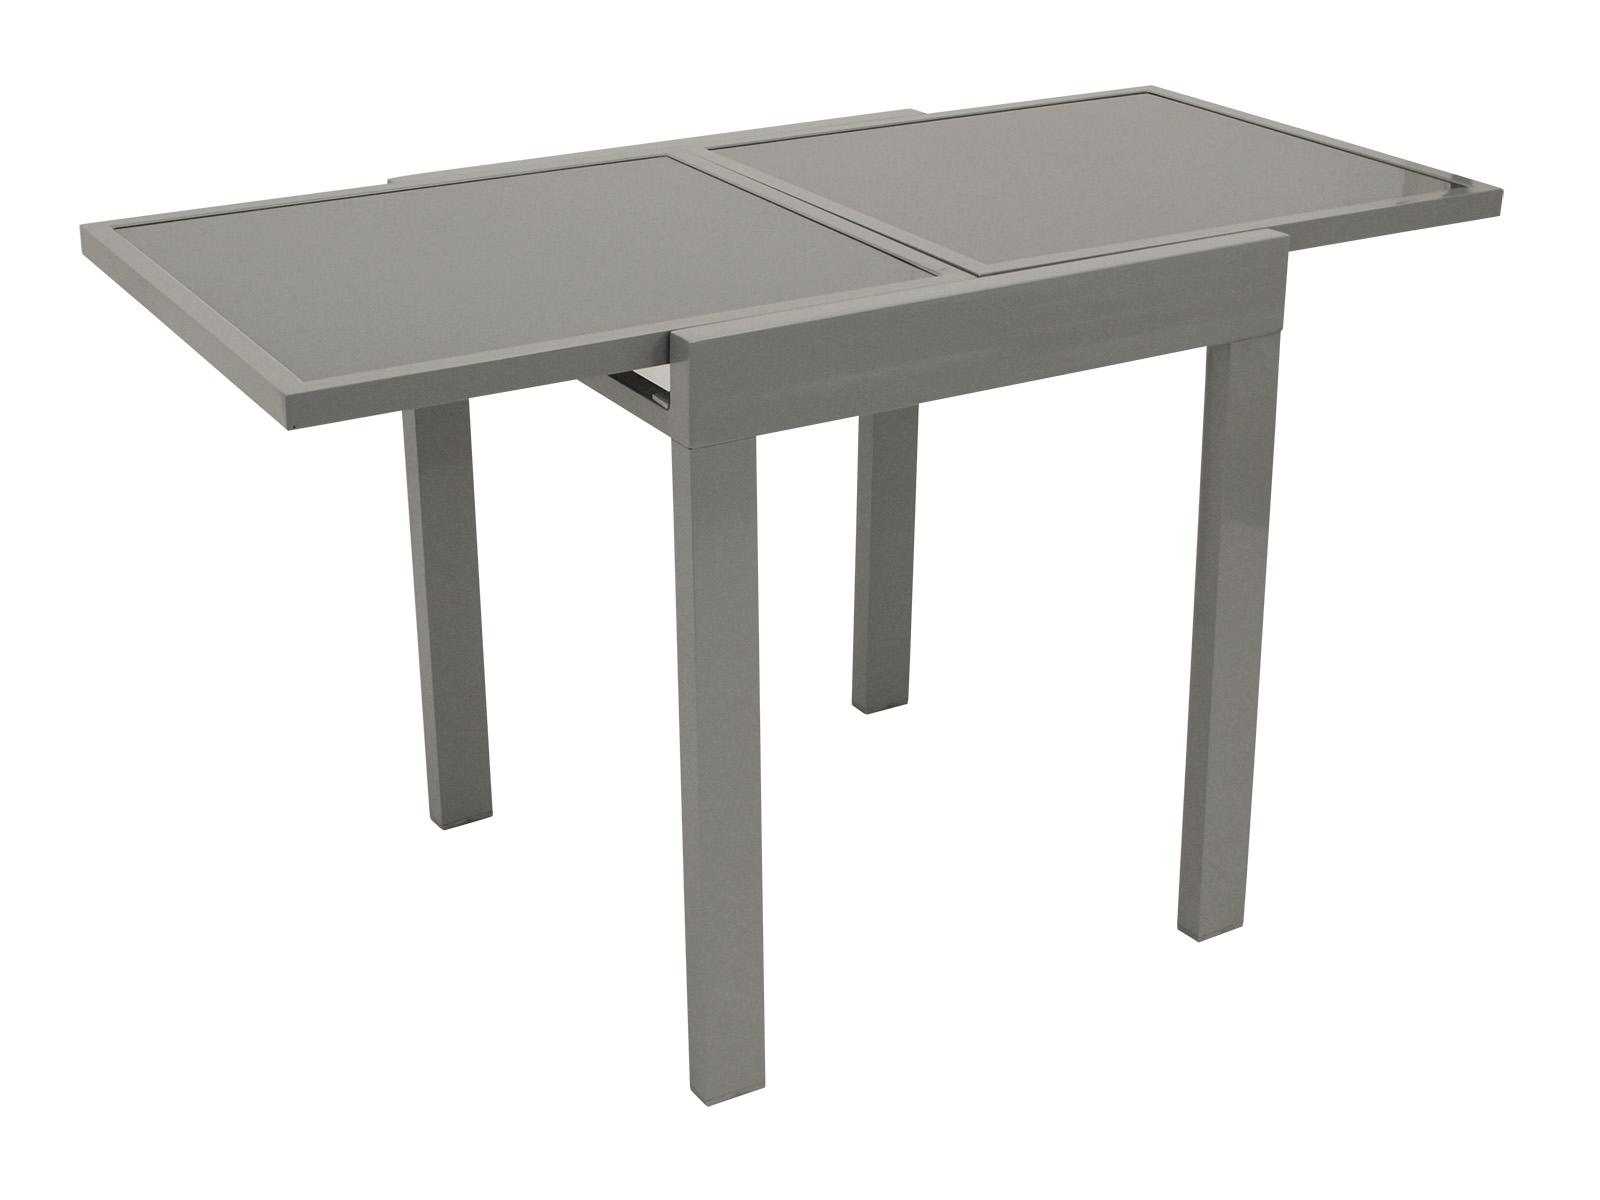 Balkon-Ausziehtisch AMALFI 65/130x65cm, Aluminium + Glas grau